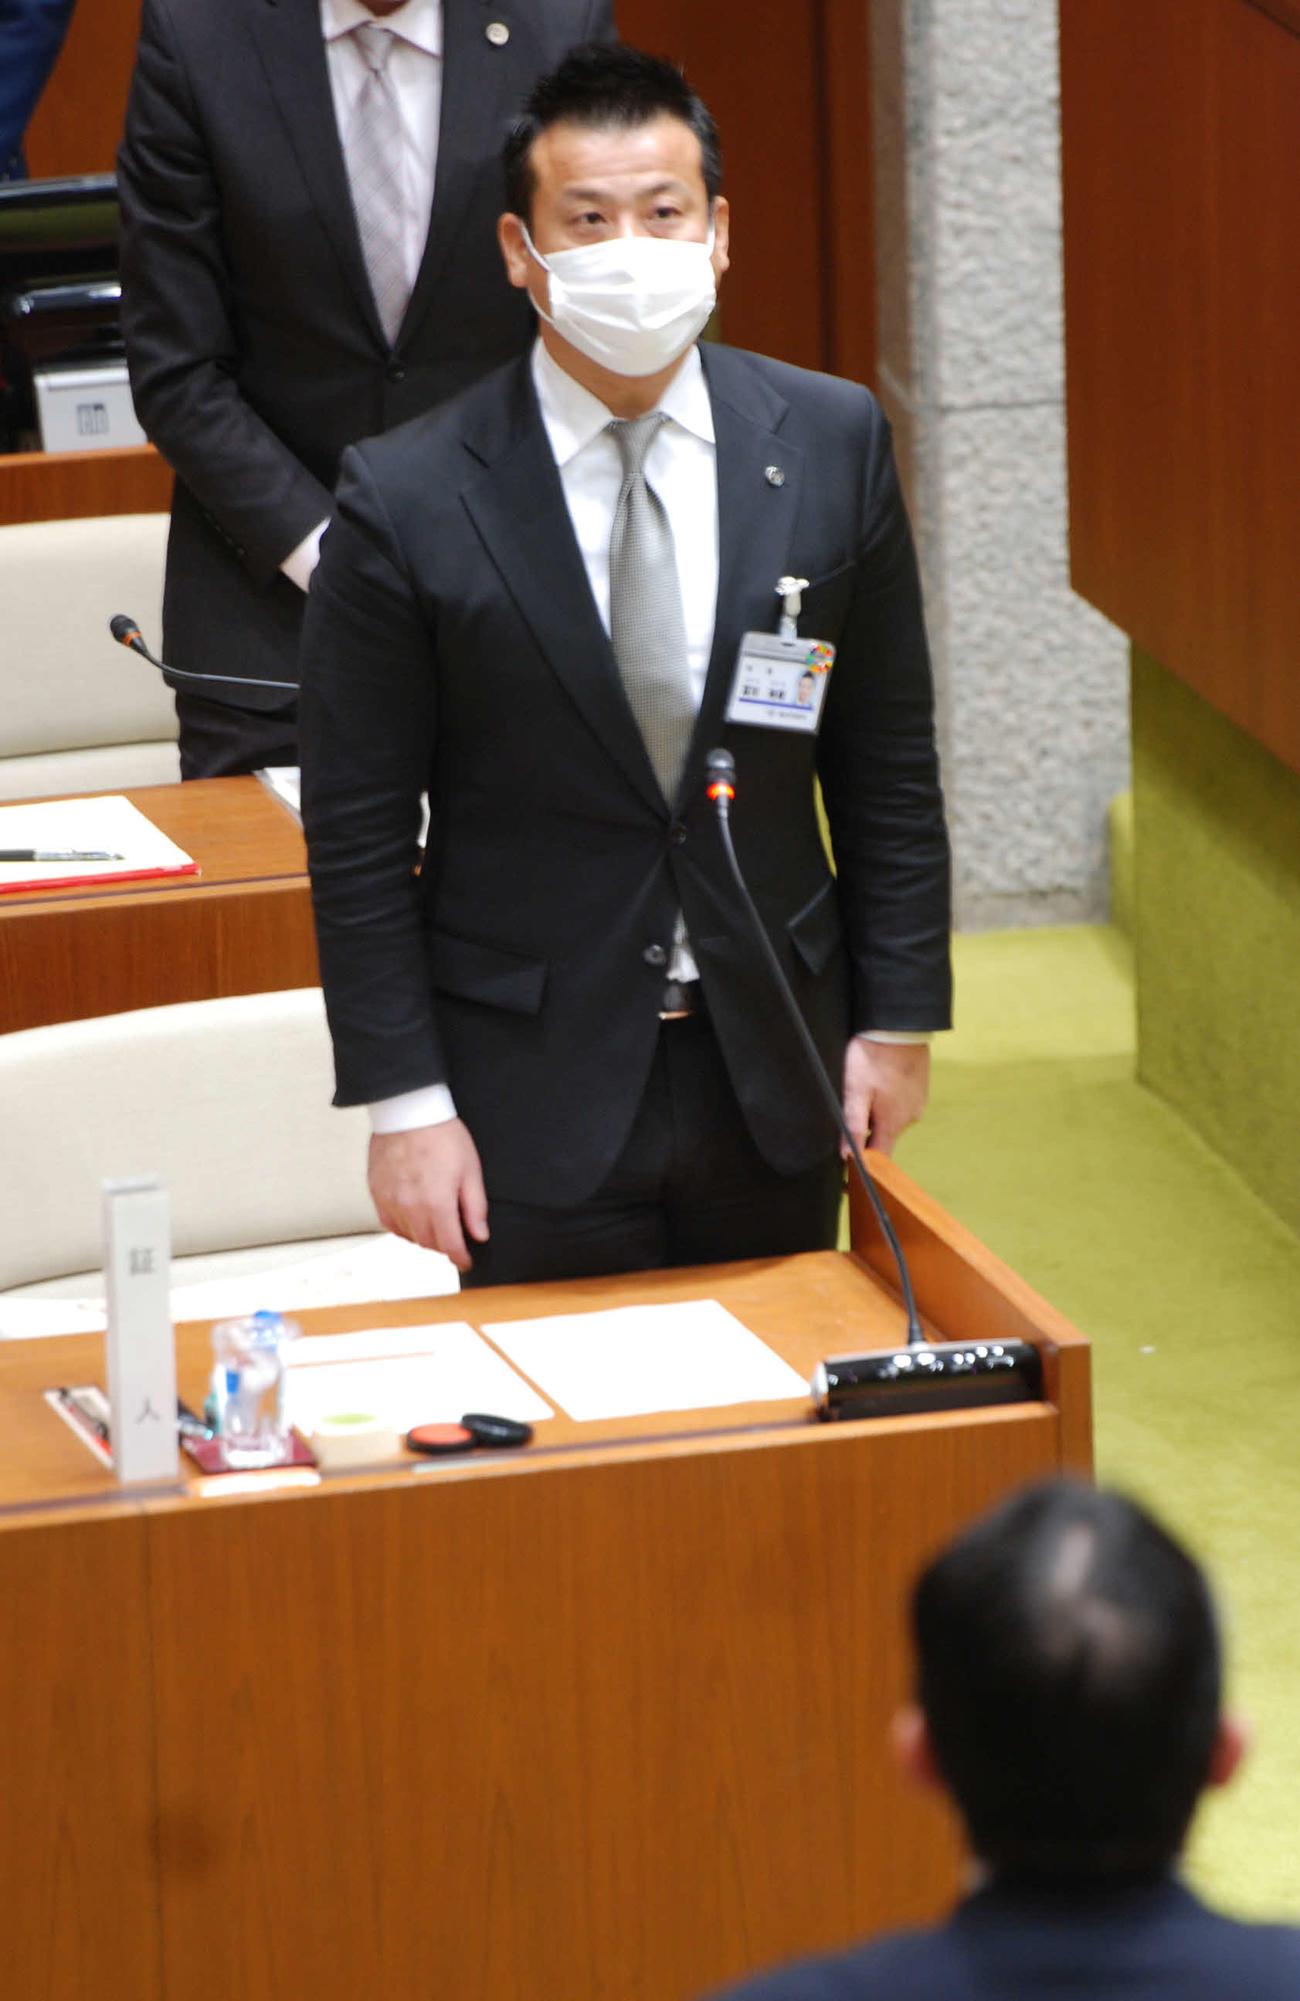 大阪府池田市議会100条委員会で証言する冨田裕樹市長